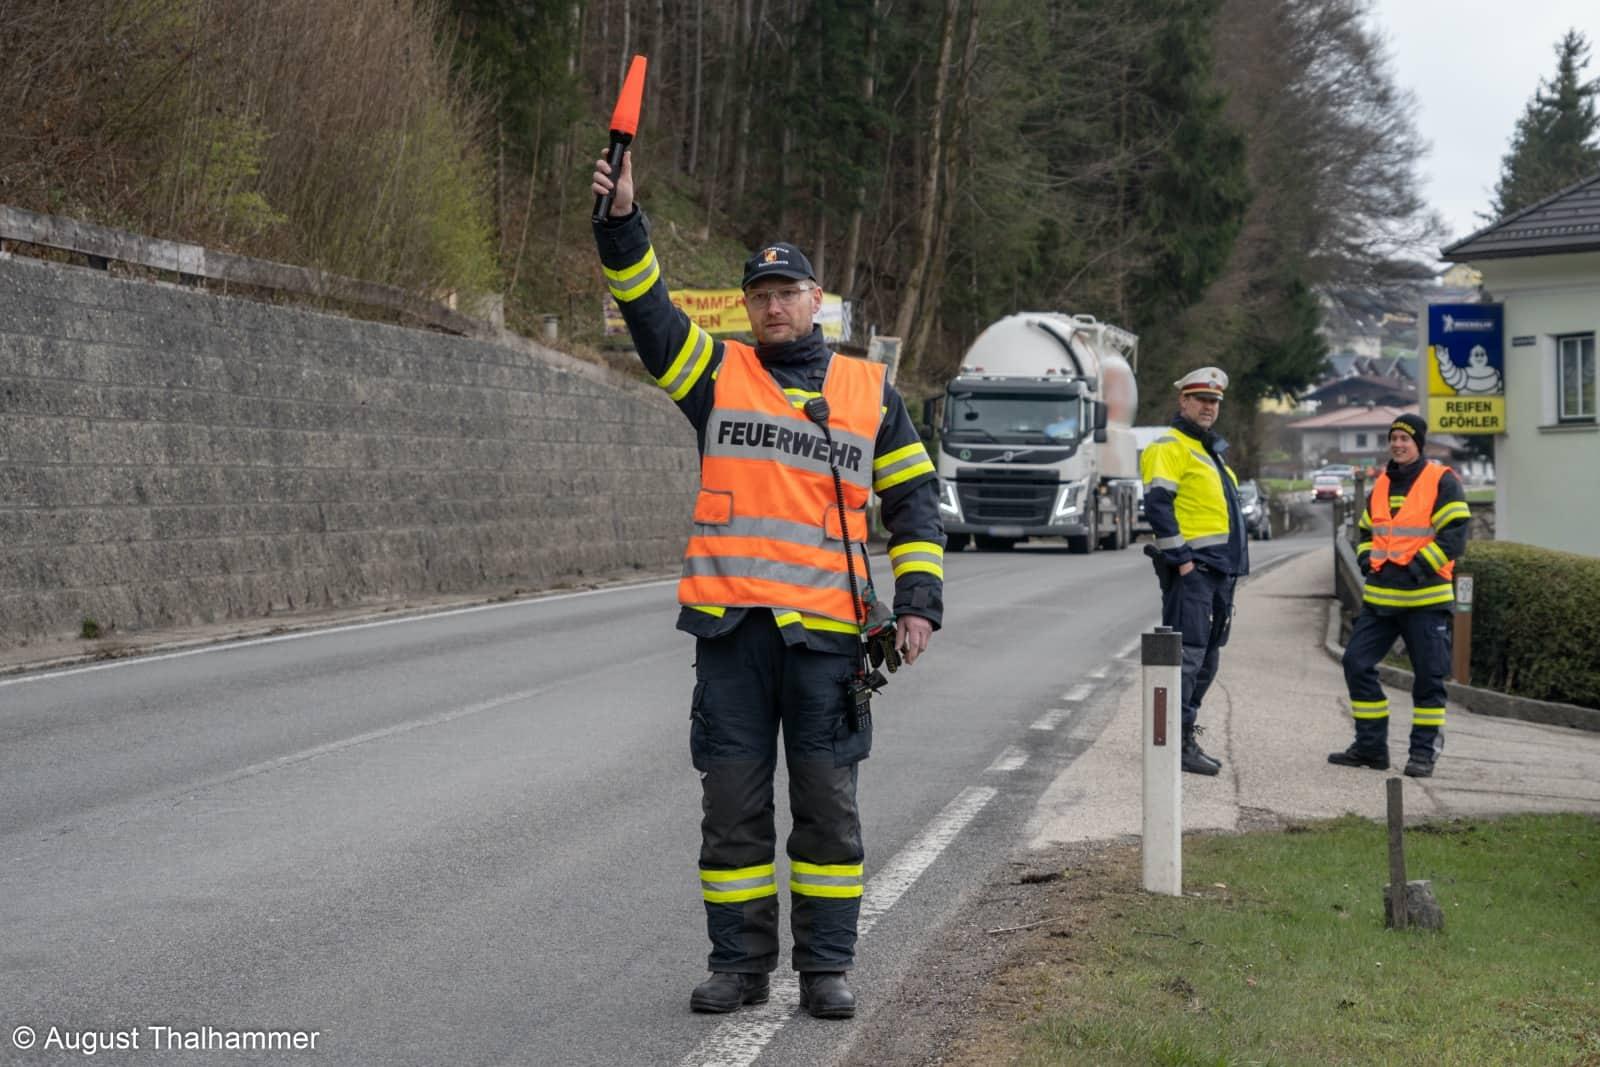 62 Feuerwehr-Verkehrsregler ausgebildet